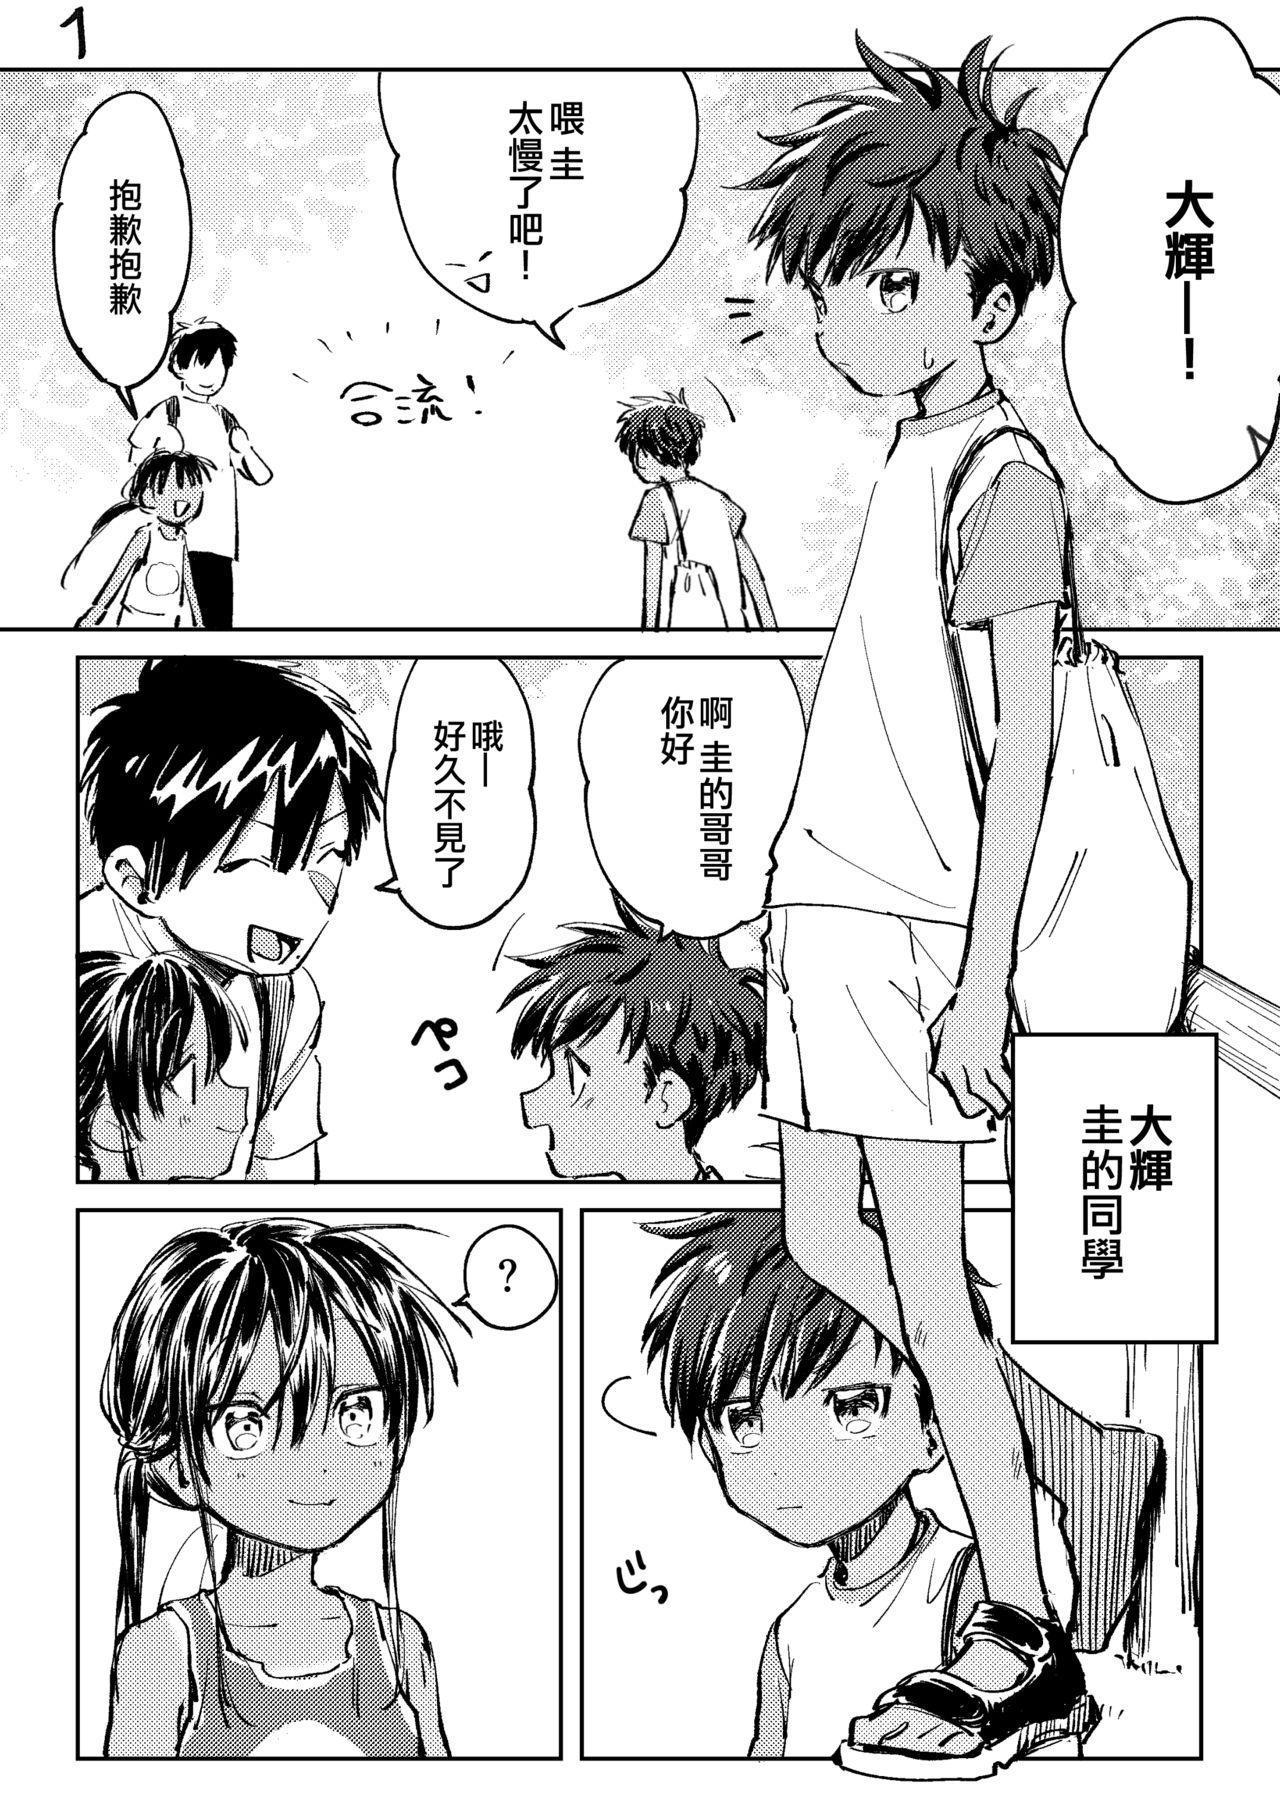 Inaka ni Kaeru to Yakeni Jiben ni Natsuita Kasshoku Ponytail Shota ga Iru 18